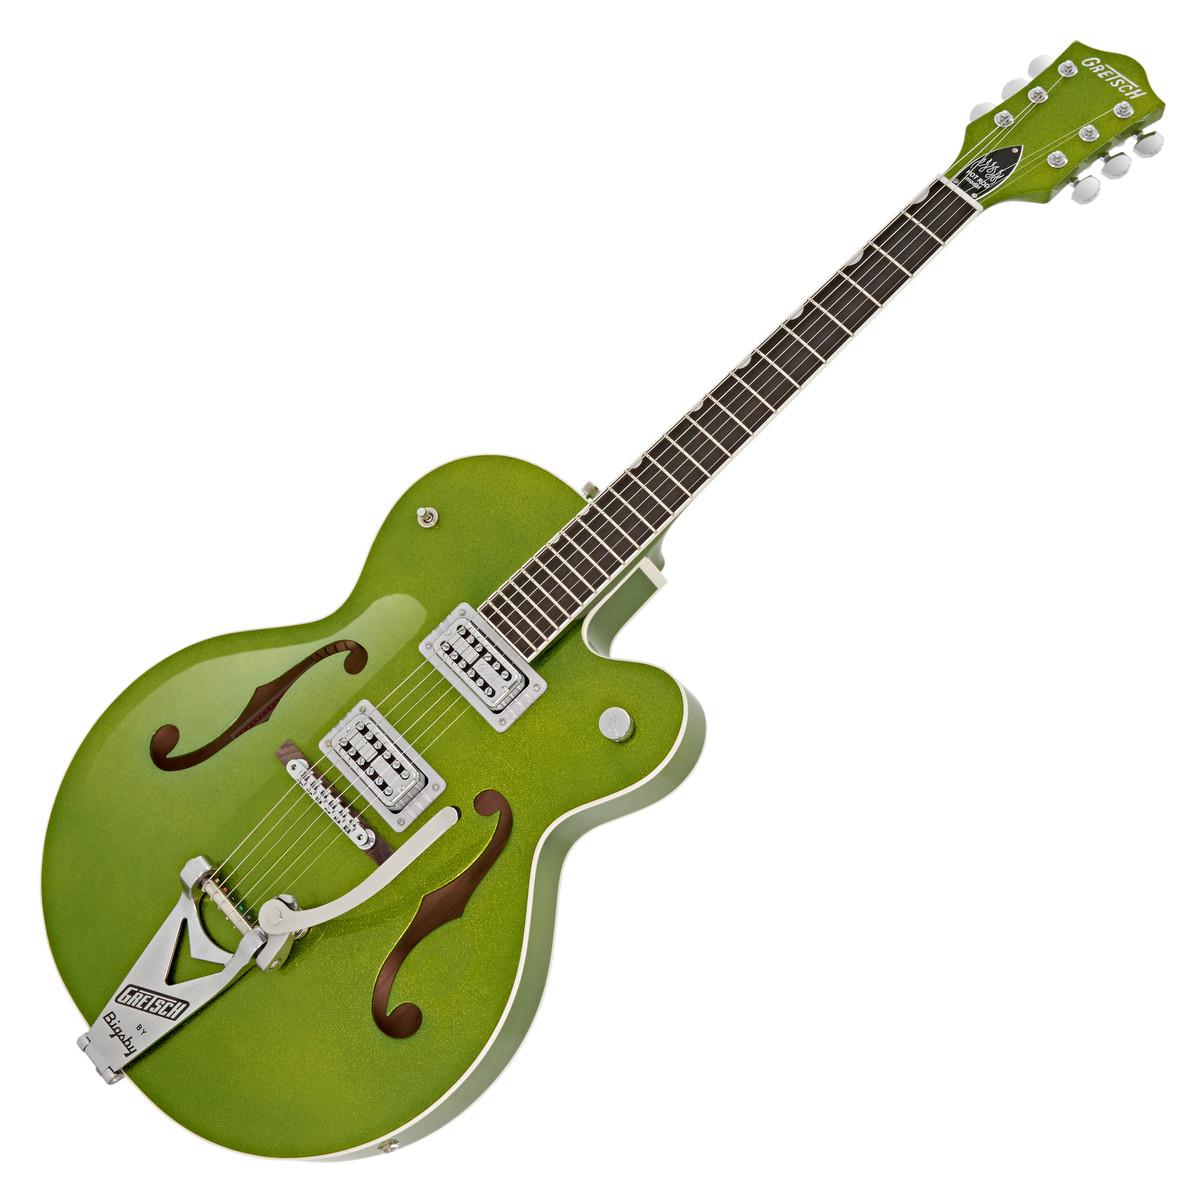 gretsch g6120sh brian setzer hot rod guitar green sparkle at. Black Bedroom Furniture Sets. Home Design Ideas